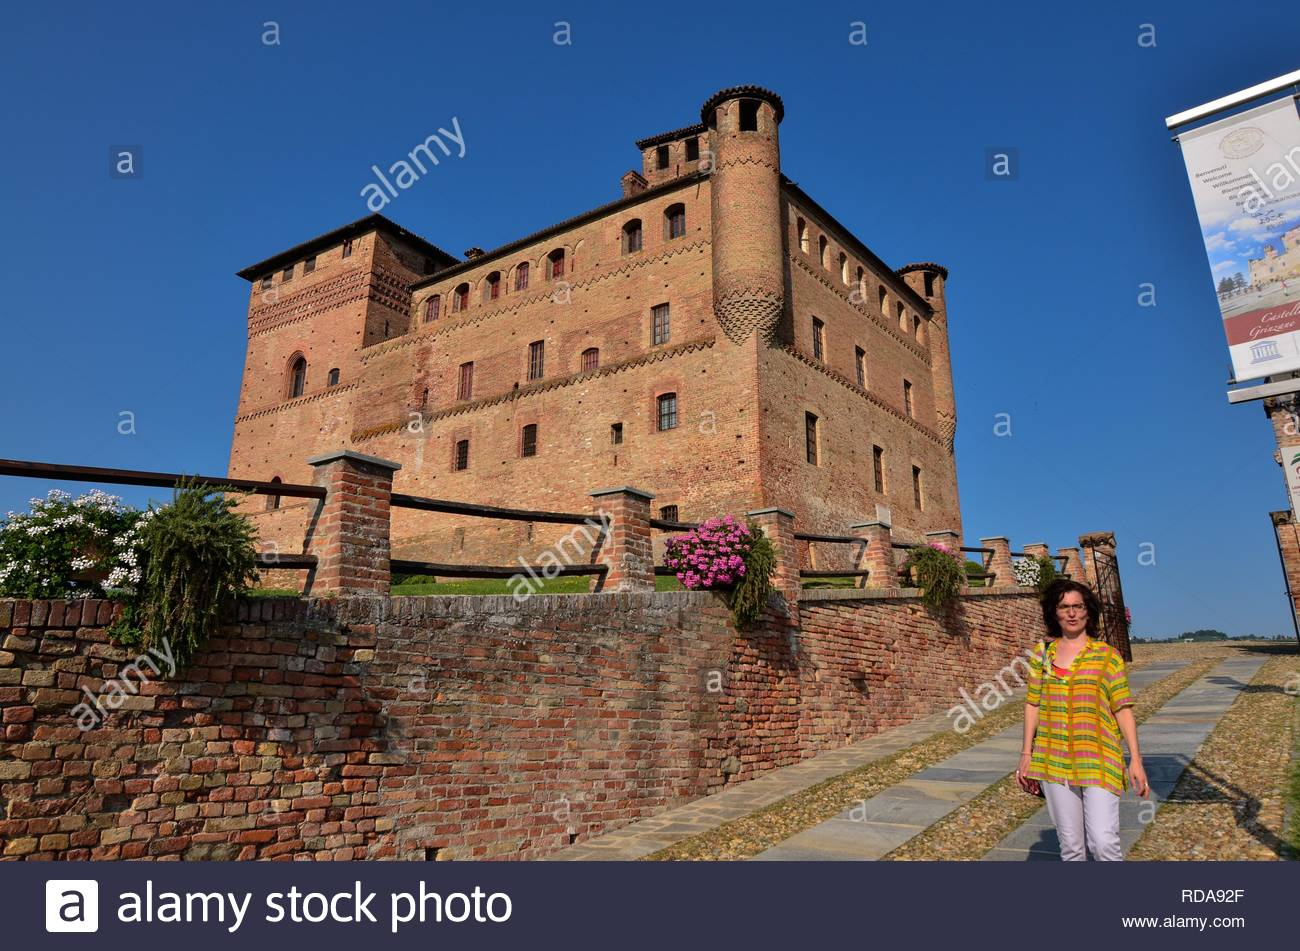 Grinzane Cavour, Piamonte, Italia. De julio de 2018. El majestuoso castillo de ladrillos rojos. Altamente visible, es un punto de referencia para esta pequeña ciudad. Yo Imagen De Stock